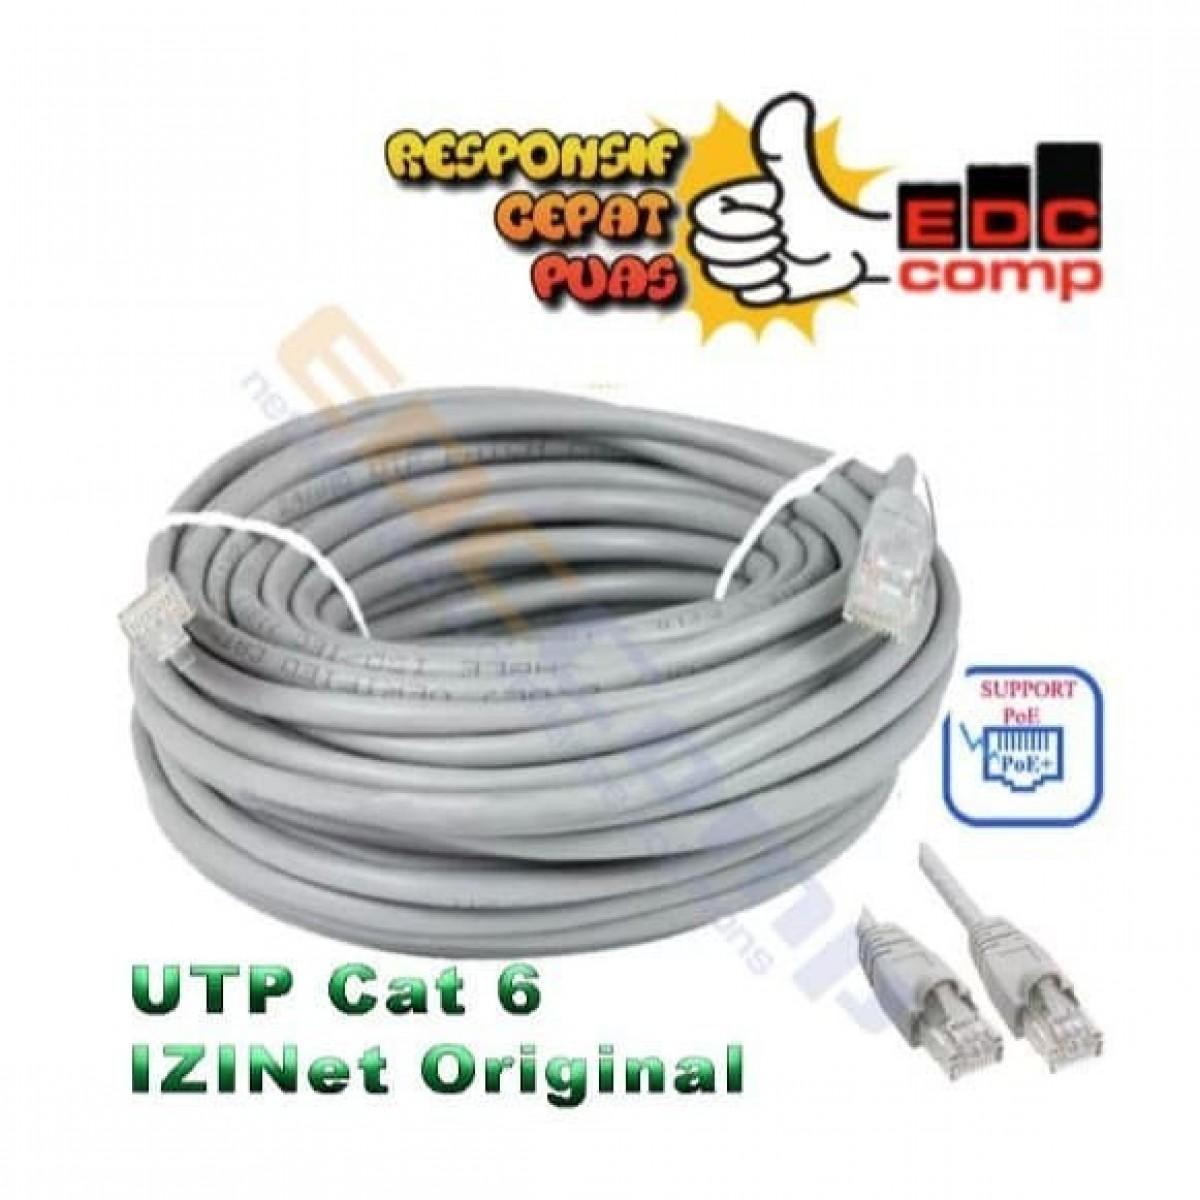 Kabel IZINET UTP Cat6 / Cable Izinet Cat6 80 Meter - EdcComp